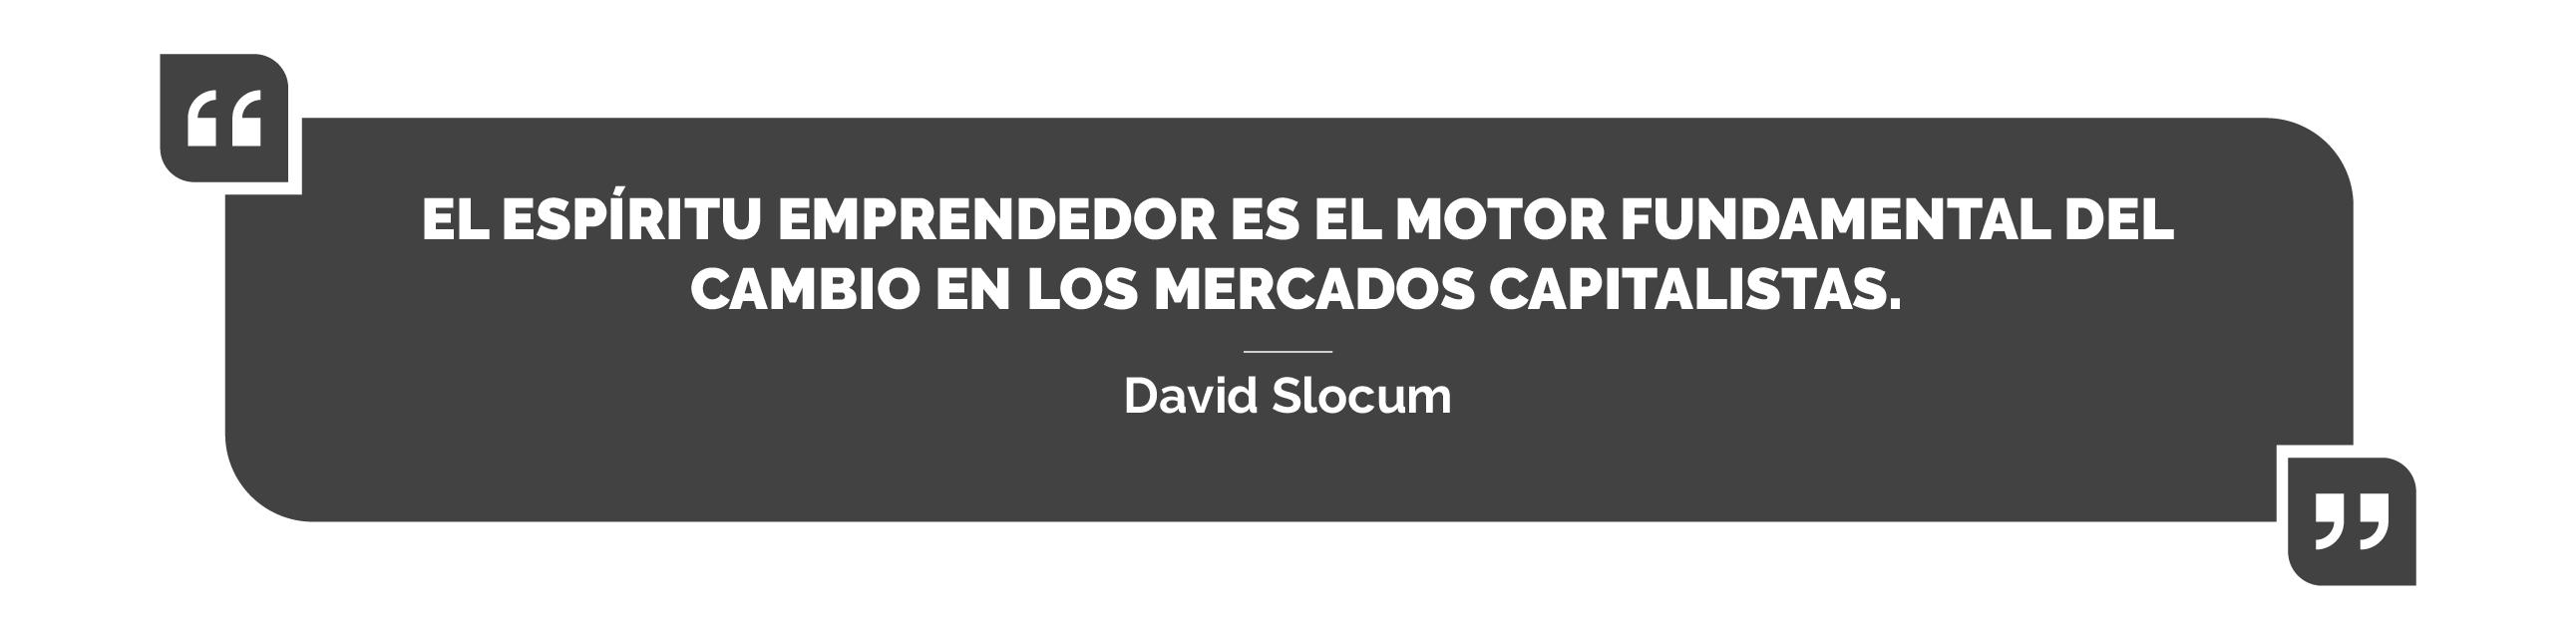 QUOTES DAVID SLOCUM-01